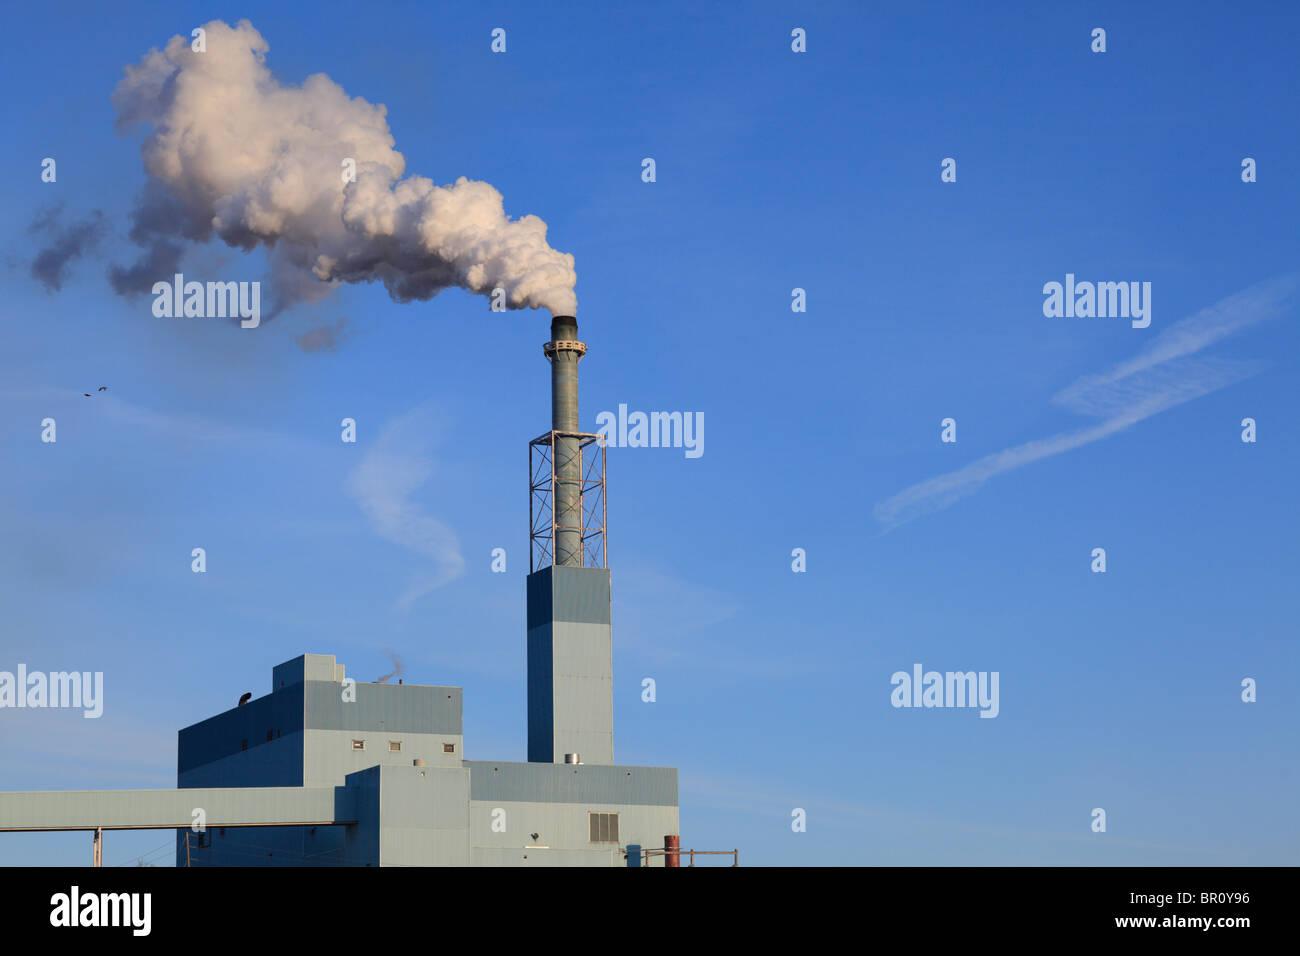 Papierfabrik mit einem Schornstein Rauchschwaden. Stockbild